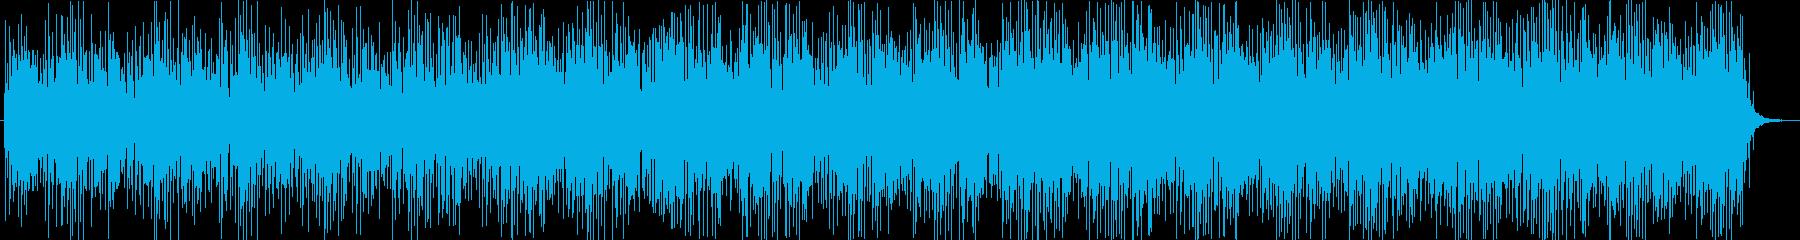 【ニュース系5】クール、無機質aの再生済みの波形